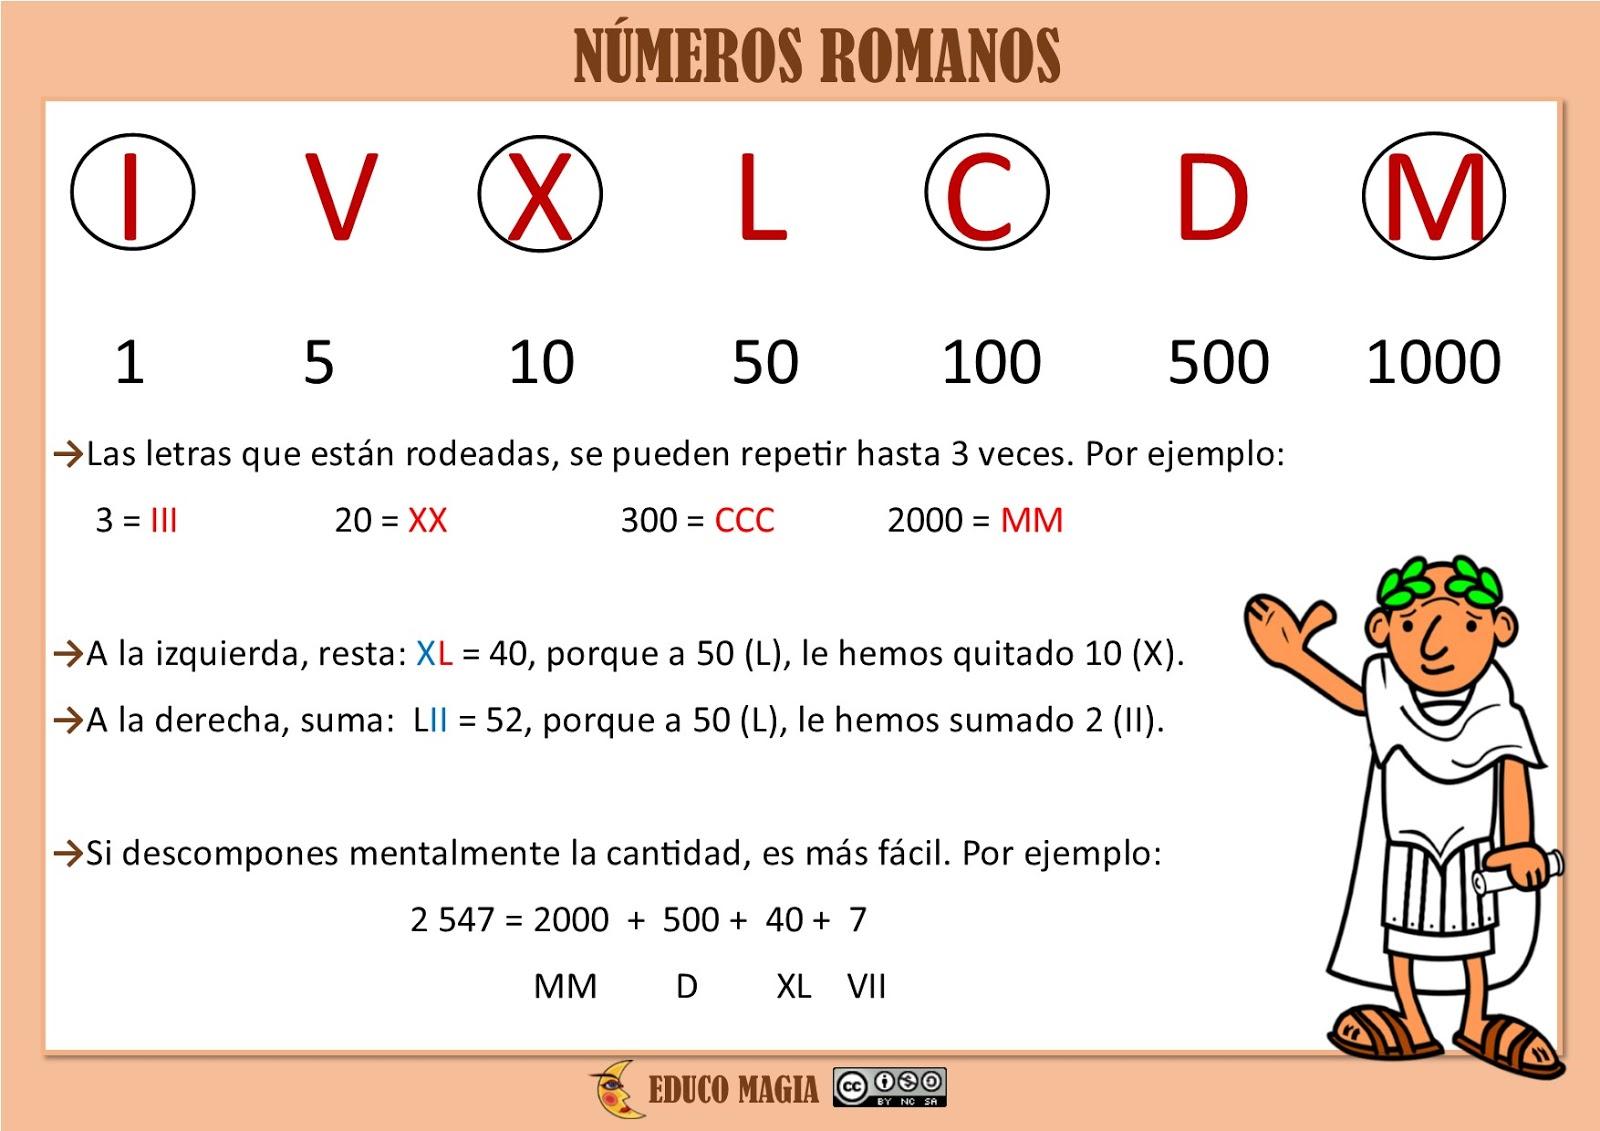 Educo Magia Los Números Romanos